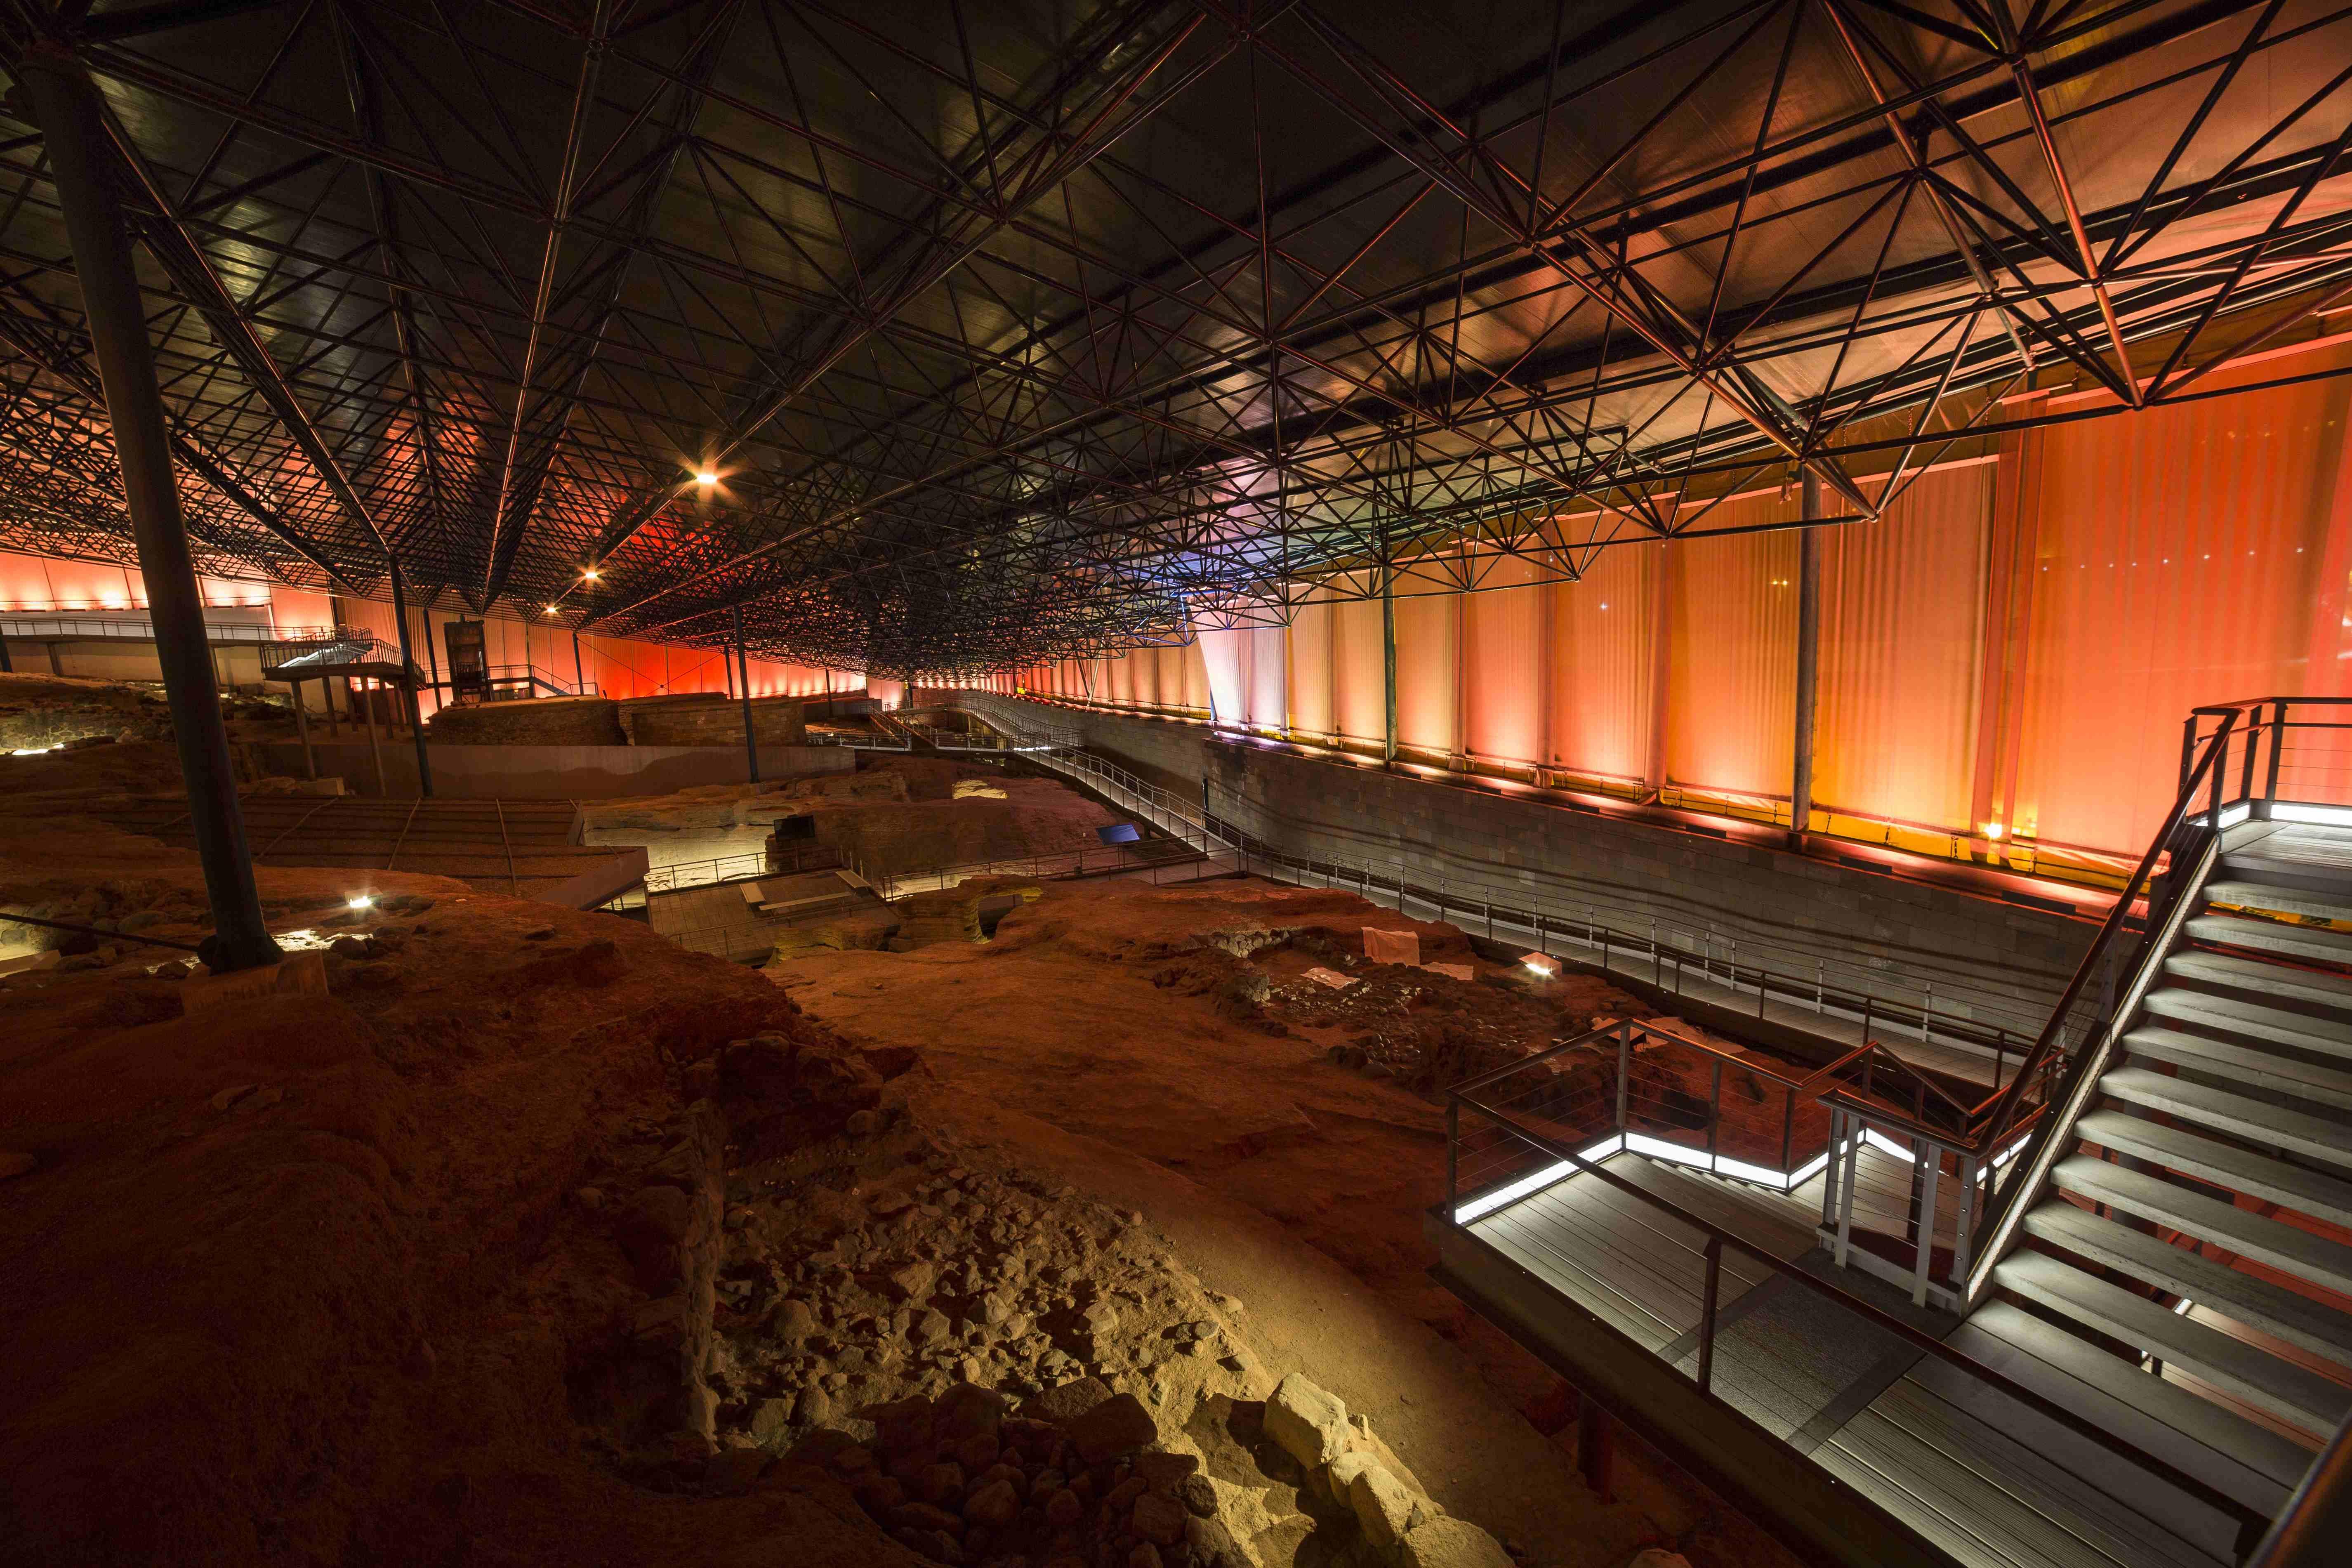 La Cueva Pintada estrena un sistema de iluminación eficiente y dinámico que añade espectacularidad a su dimensión patrimonial